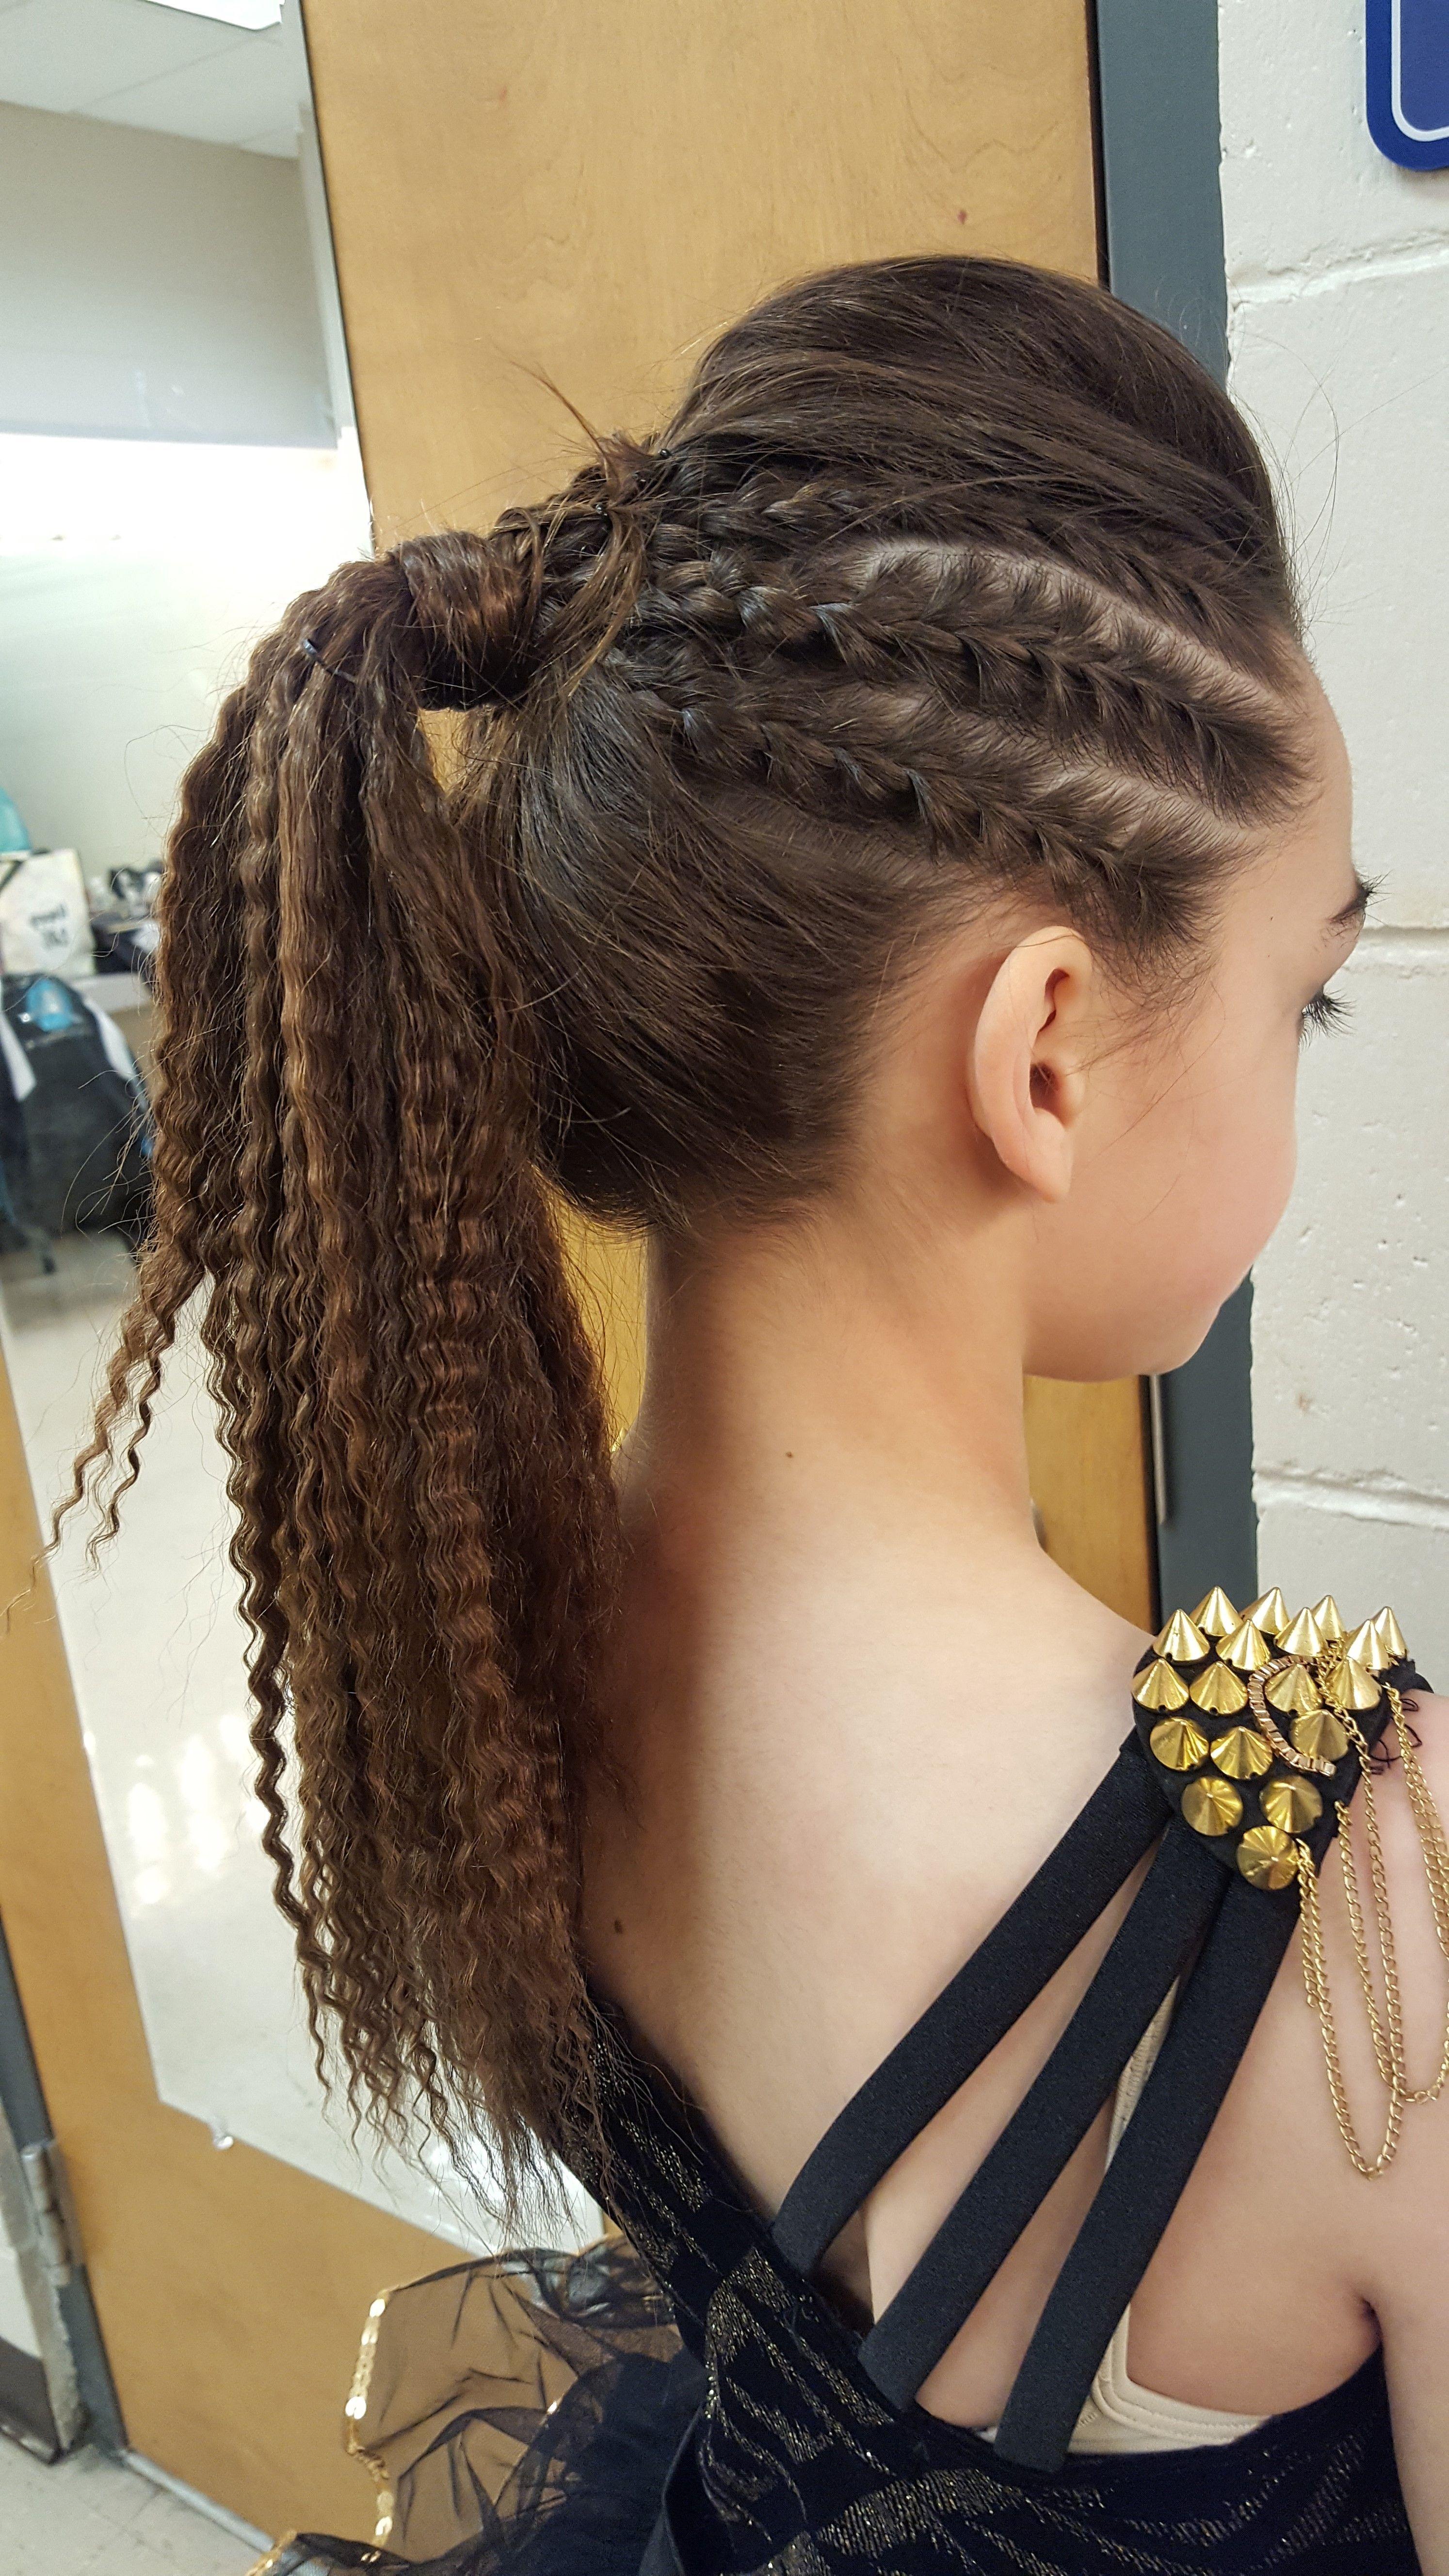 Elegante Susse Frisuren Fur Cheerleader Frisur Tanz Frisuren Haar Styling Frisuren